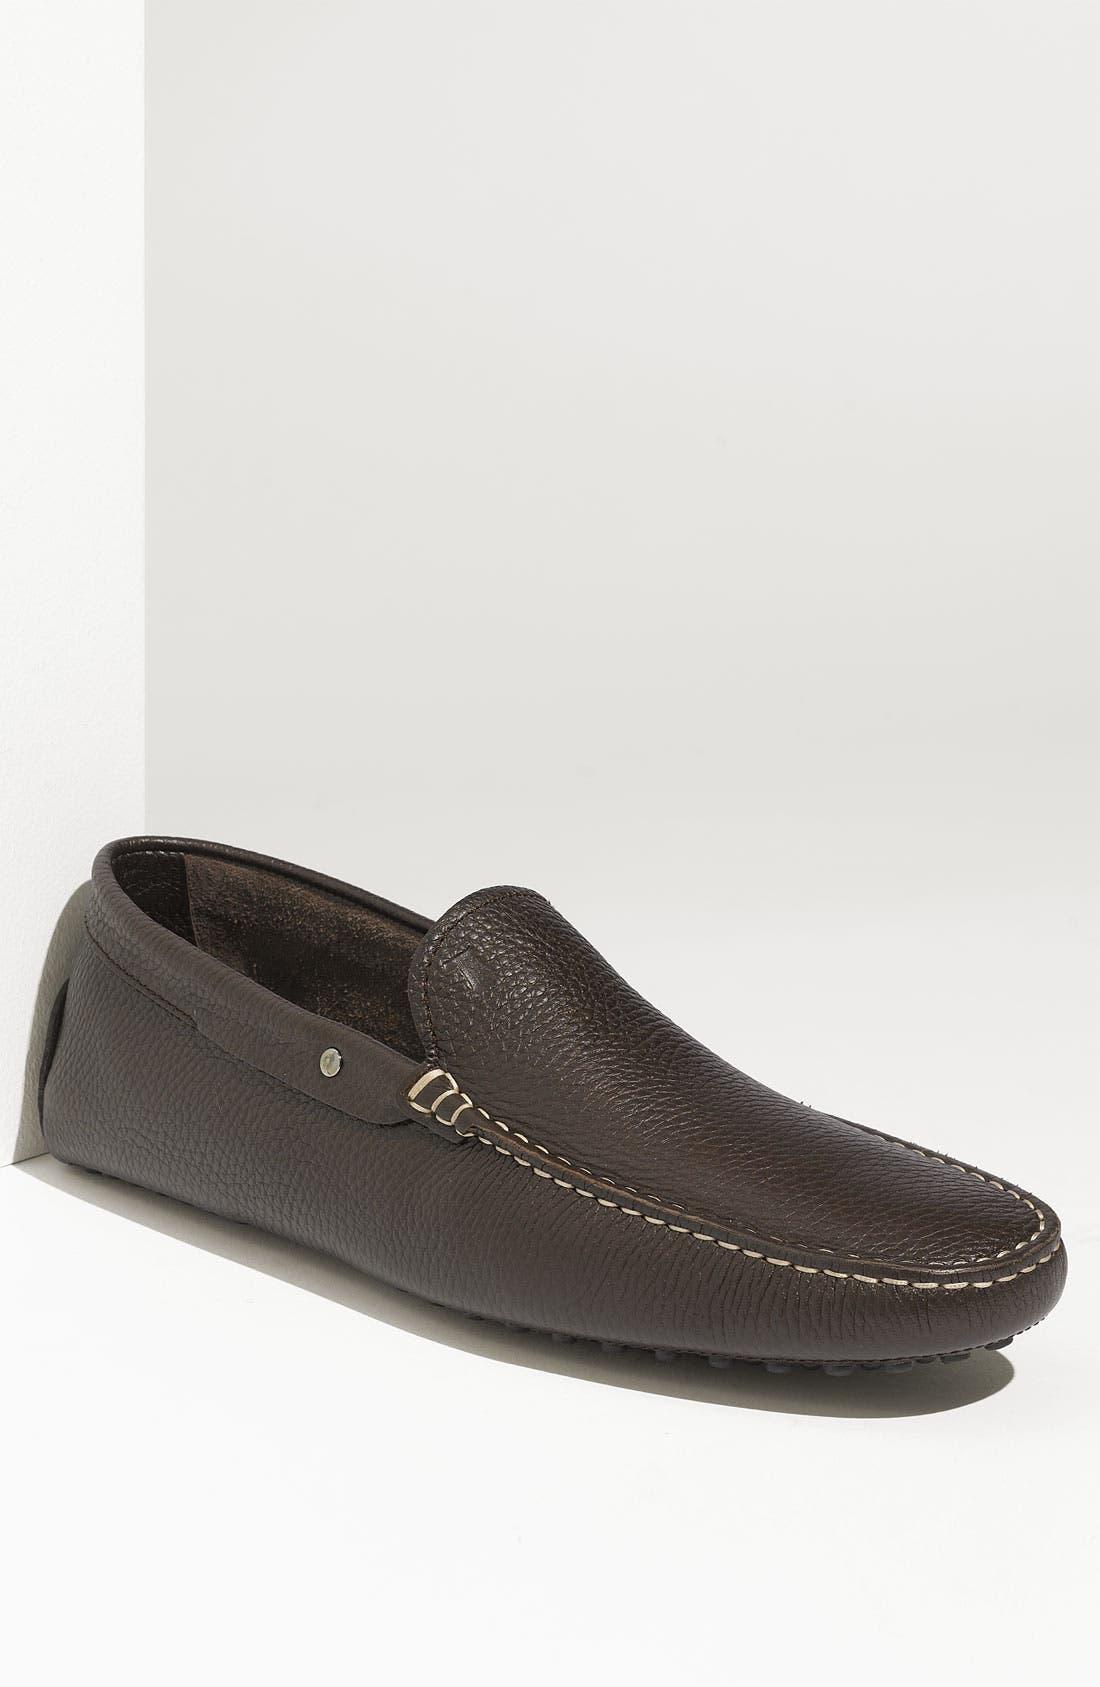 Main Image - Tod's 'Gommini' Driving Shoe